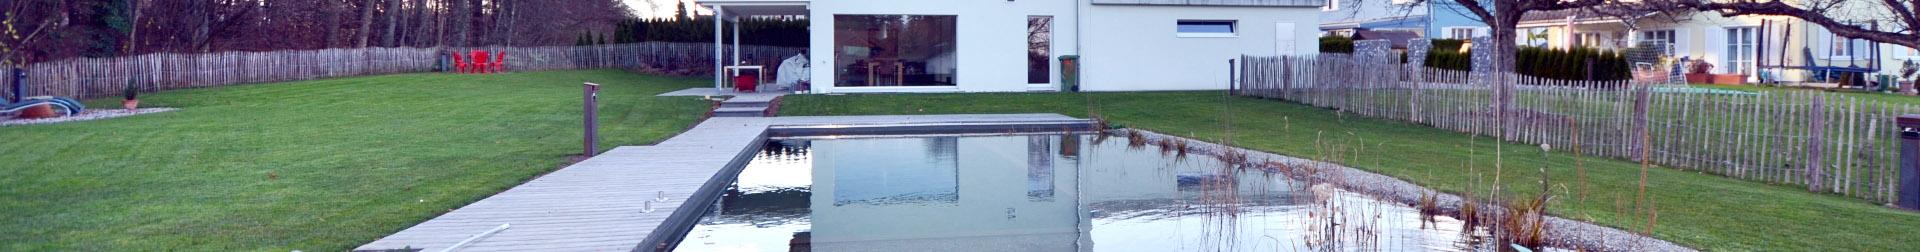 Canosa � Wir denken, planen und entwickeln Architektur